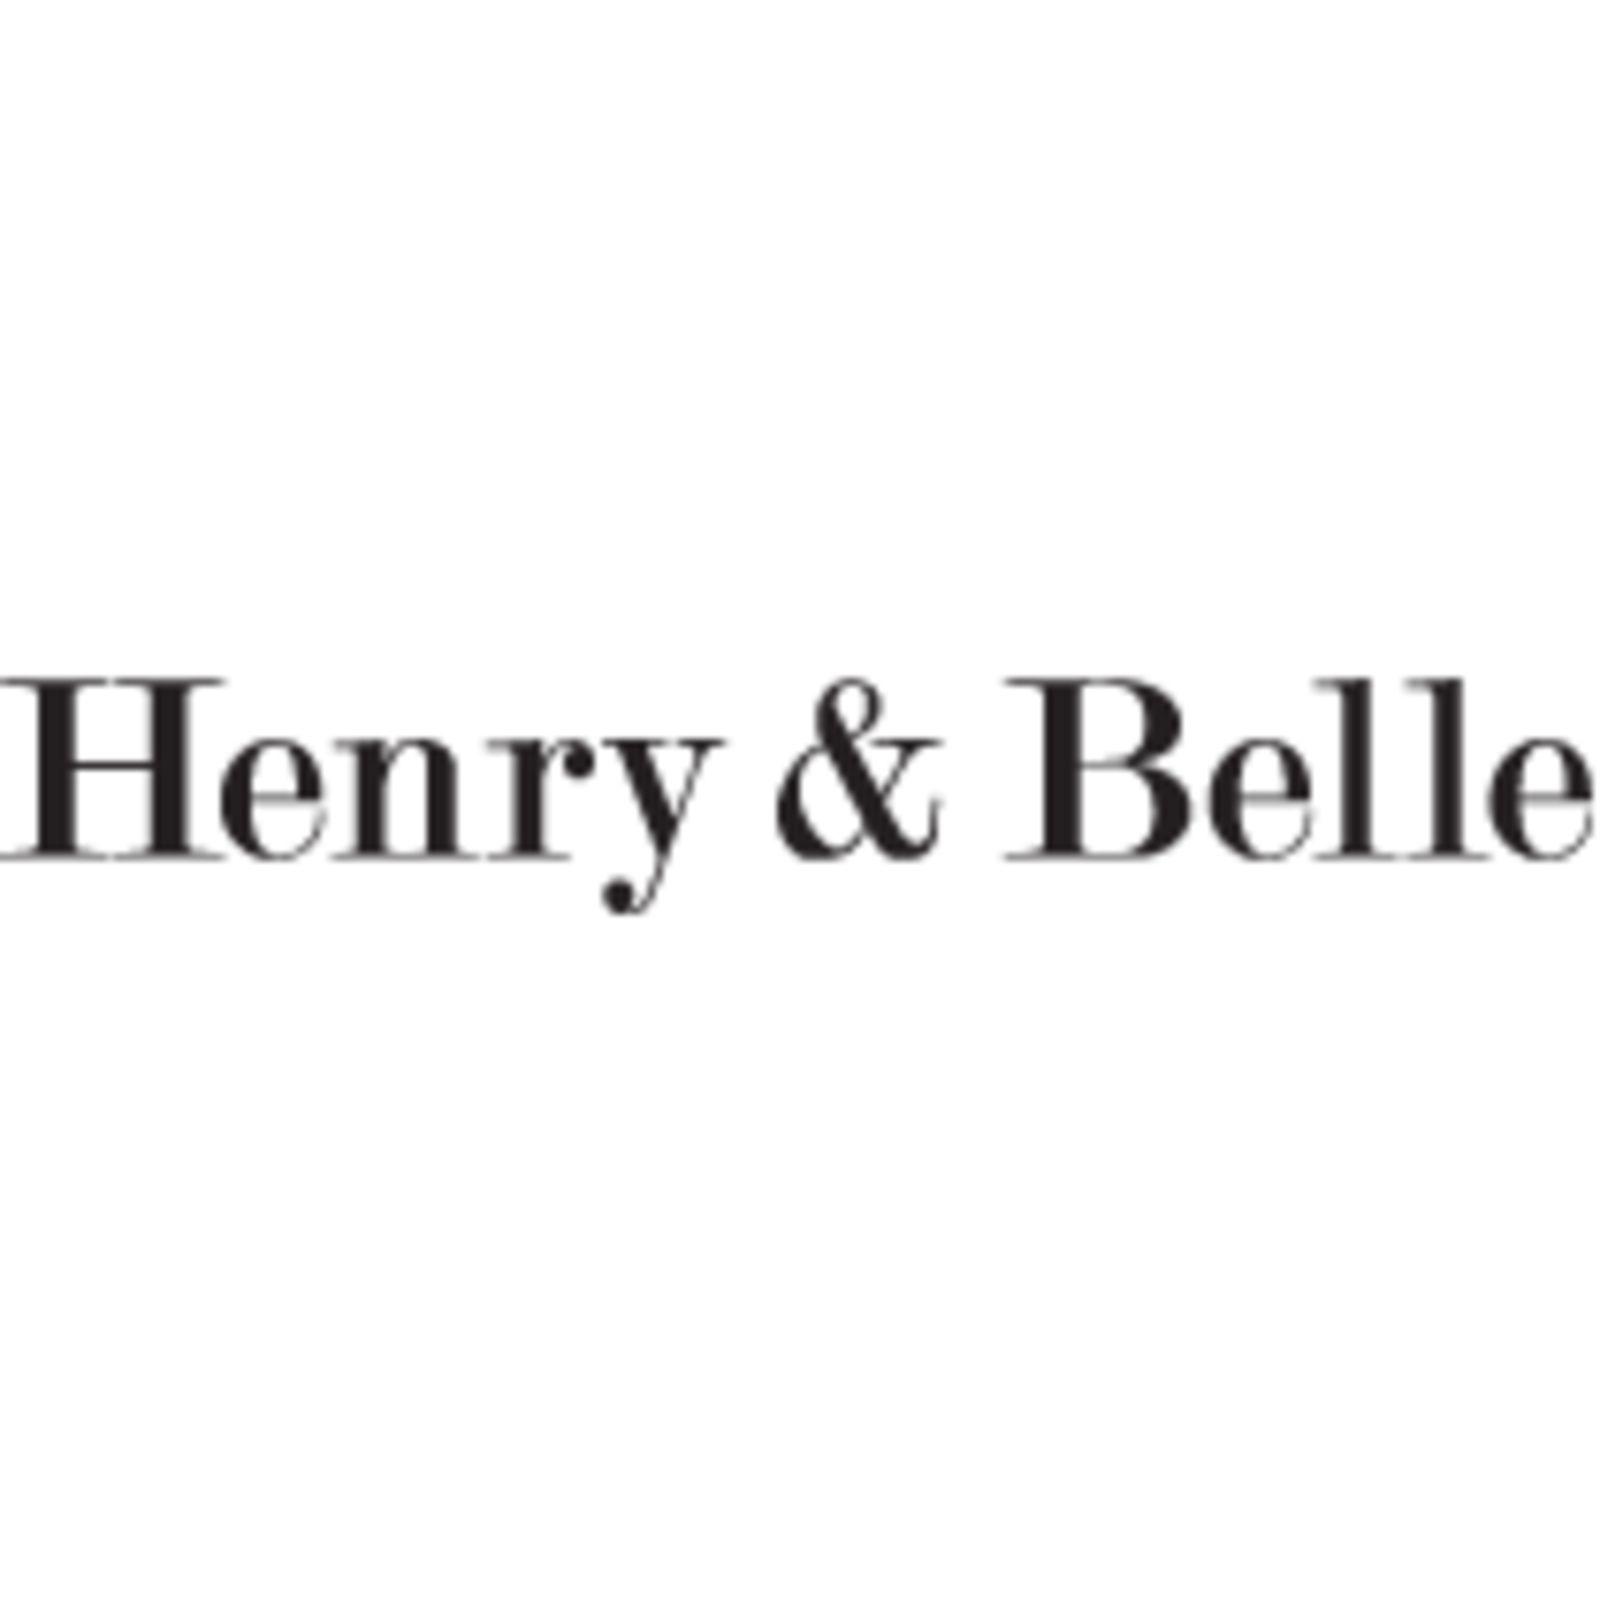 Henry & Belle